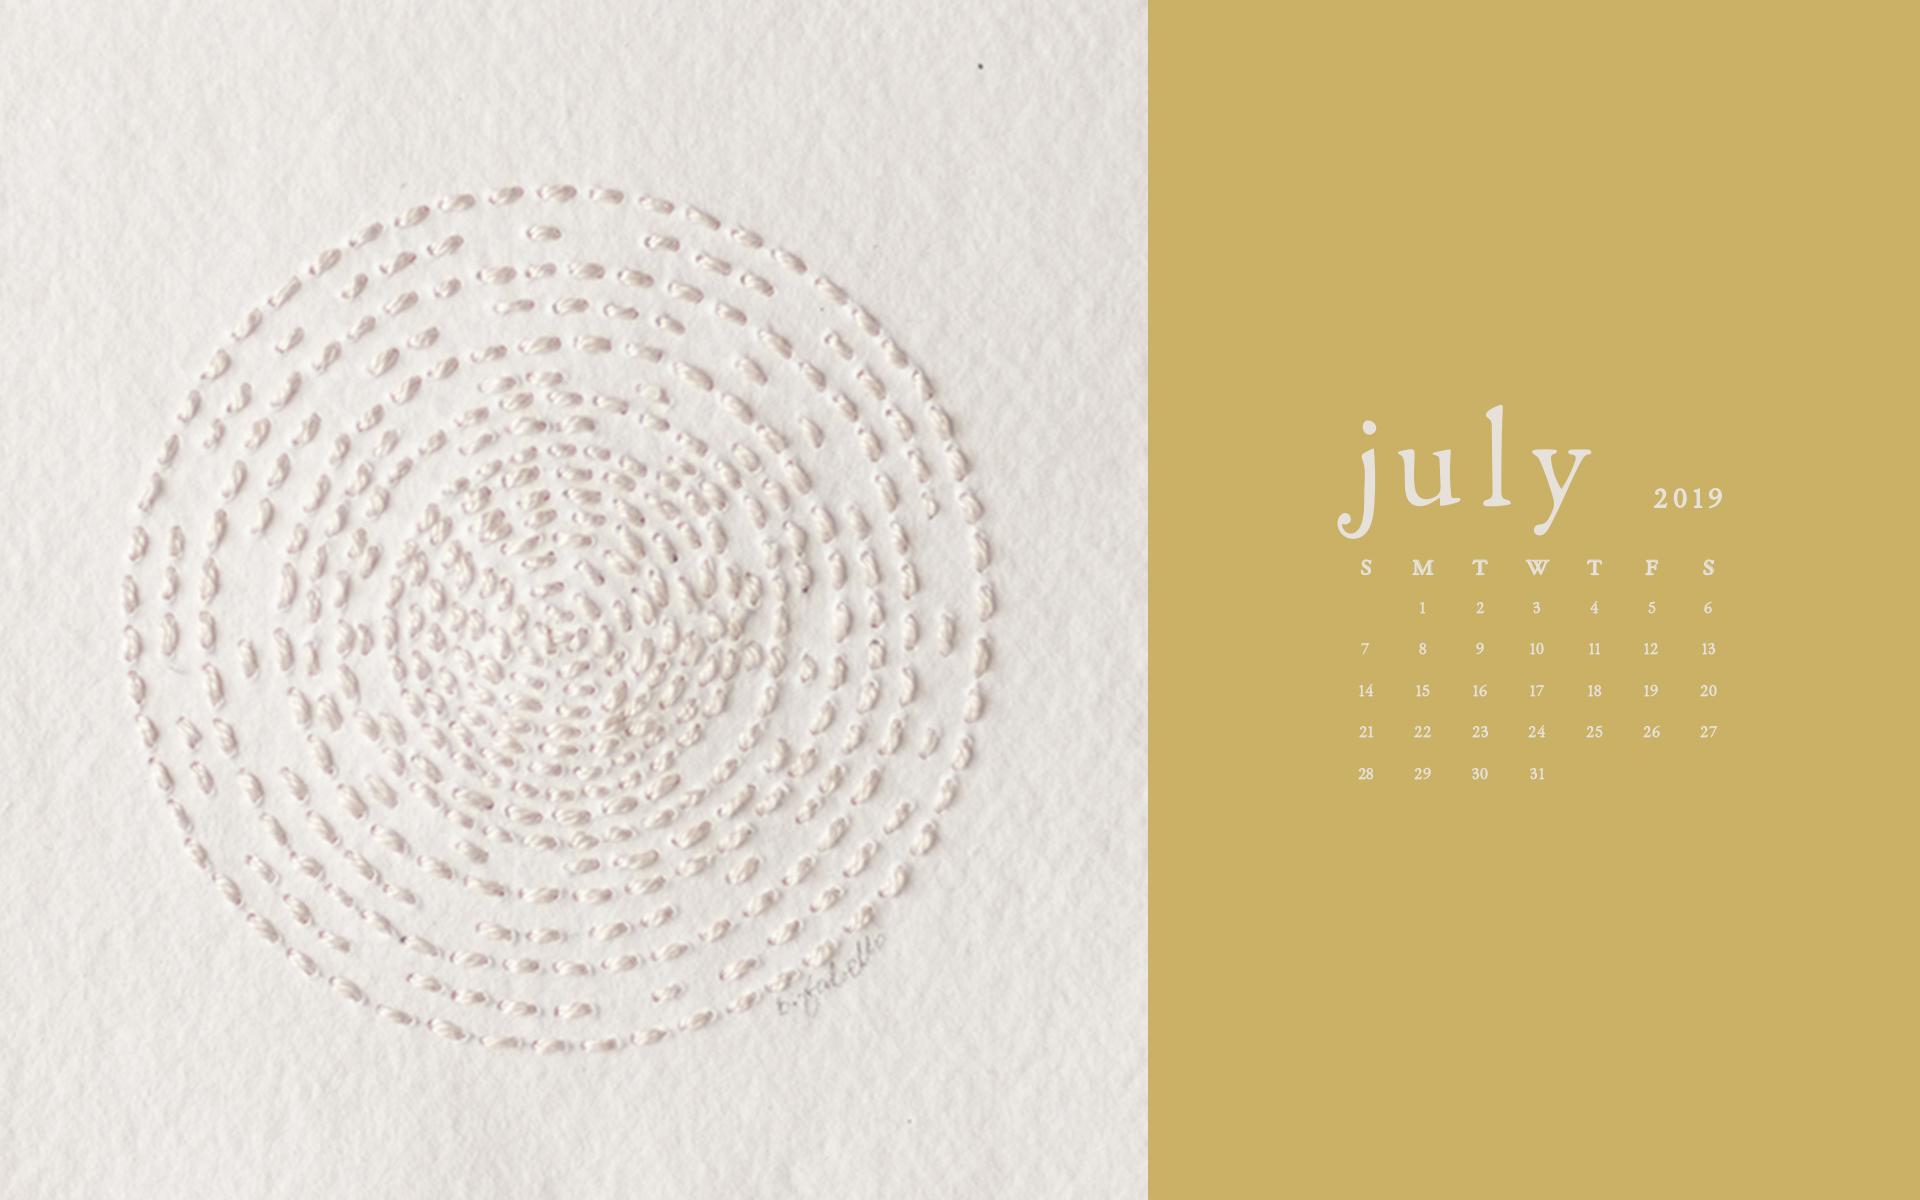 Wallpaper: July 2019 Calendar & Artwork | Desktop and Laptop Computer | Britt Fabello